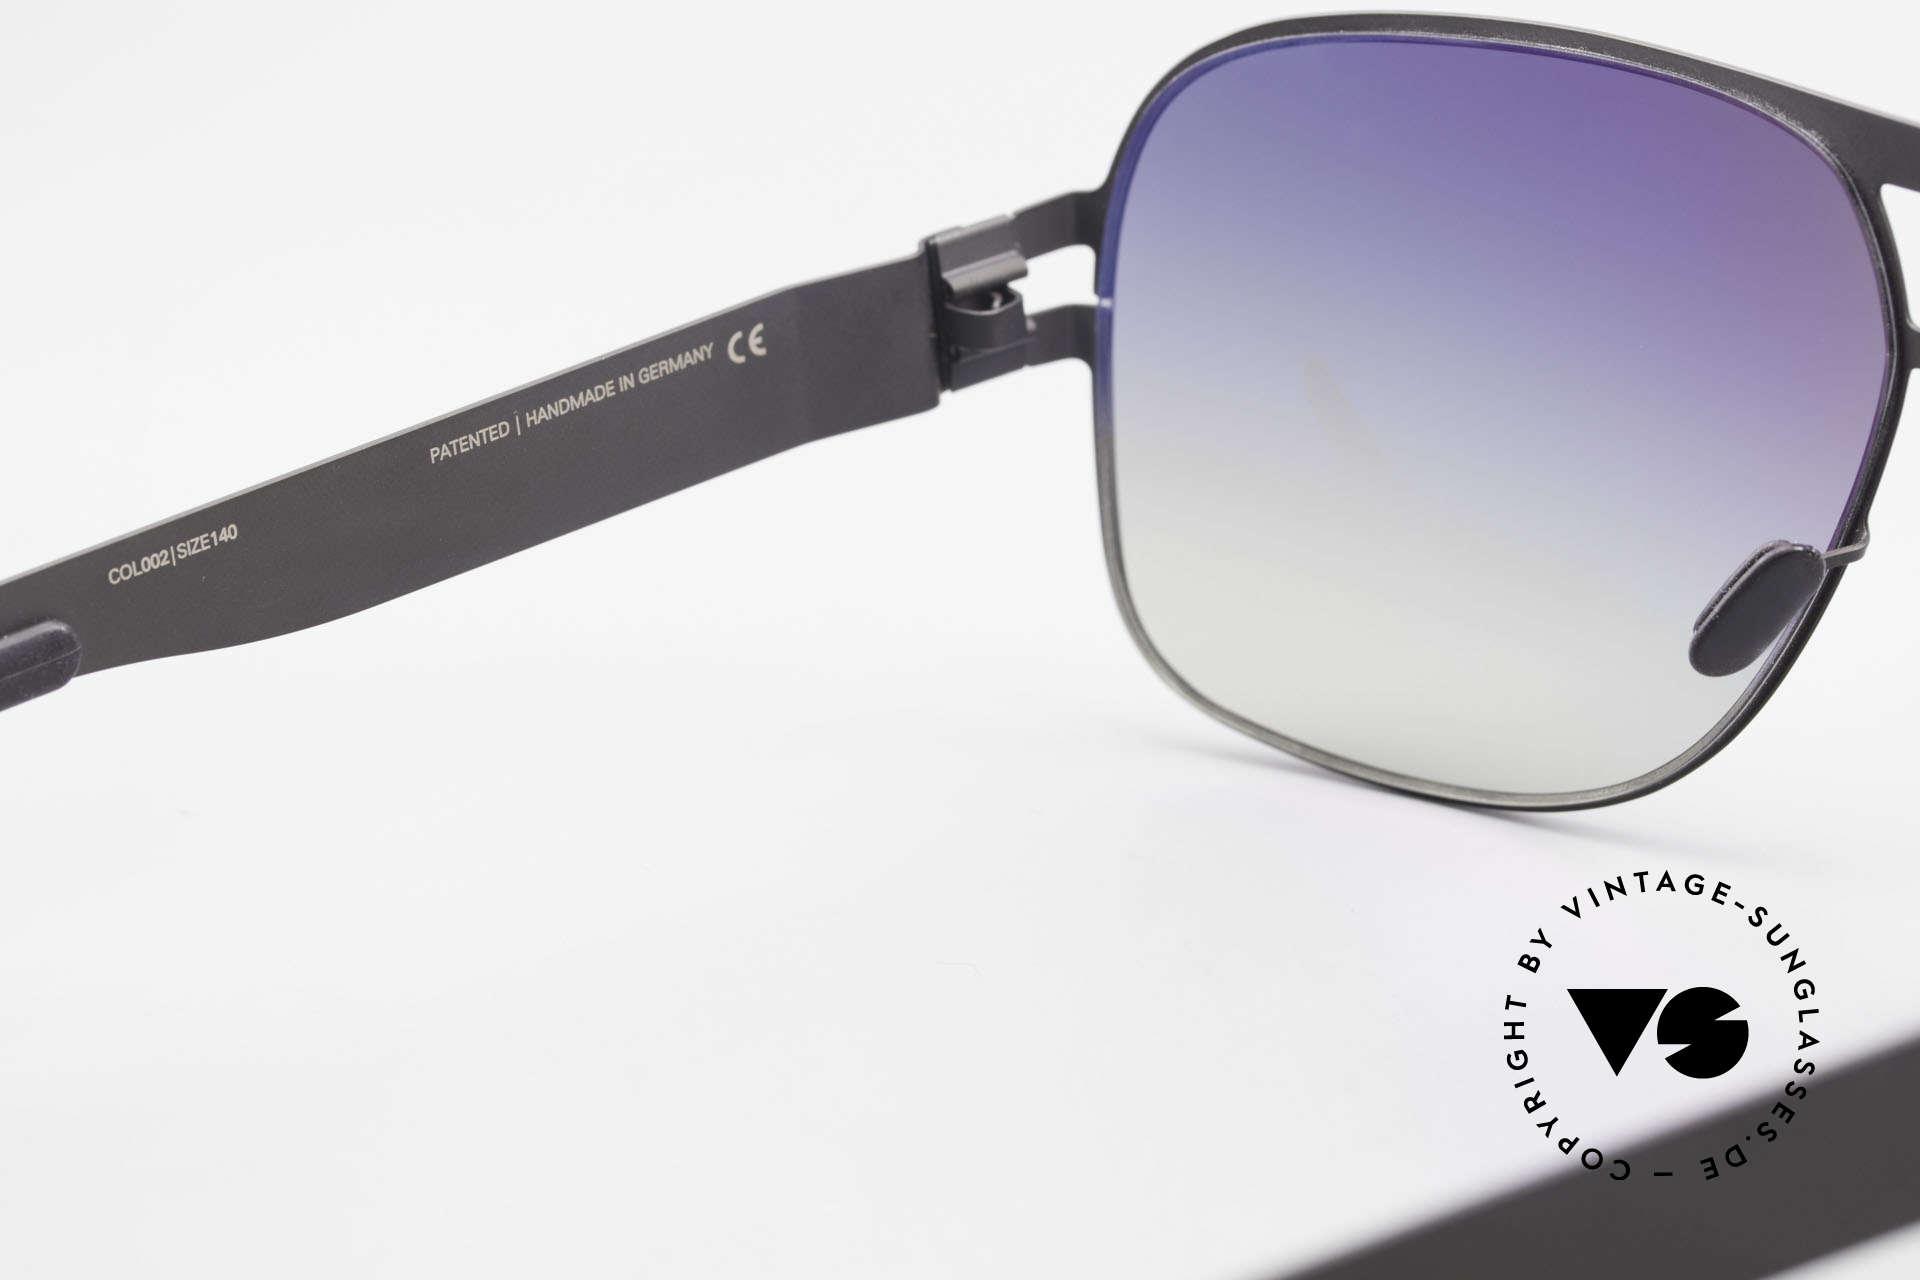 Mykita Clifford 2000er Vintage Sonnenbrille, getragen von zahlreichen Promis und inzwischen selten, Passend für Herren